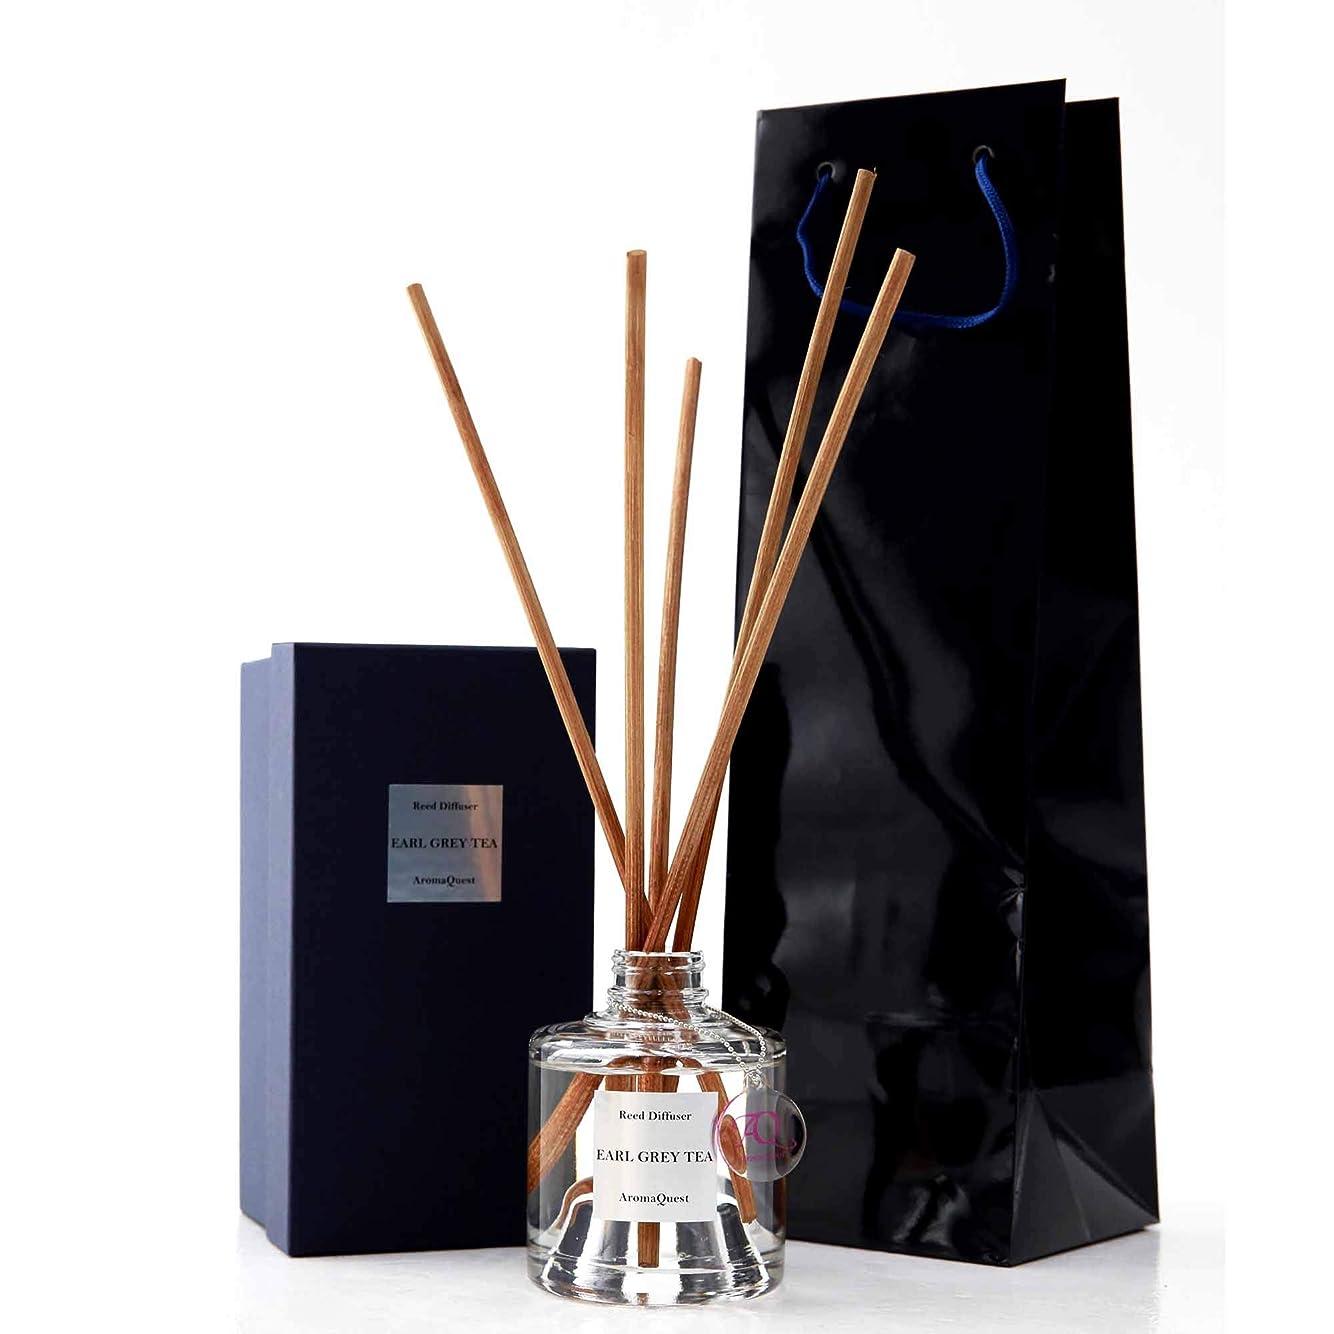 一掃する促すウッズルームフレグランス リードディフューザー アロマディフューザー 150ml アールグレイティー EARL GREY TEA 紅茶の香り